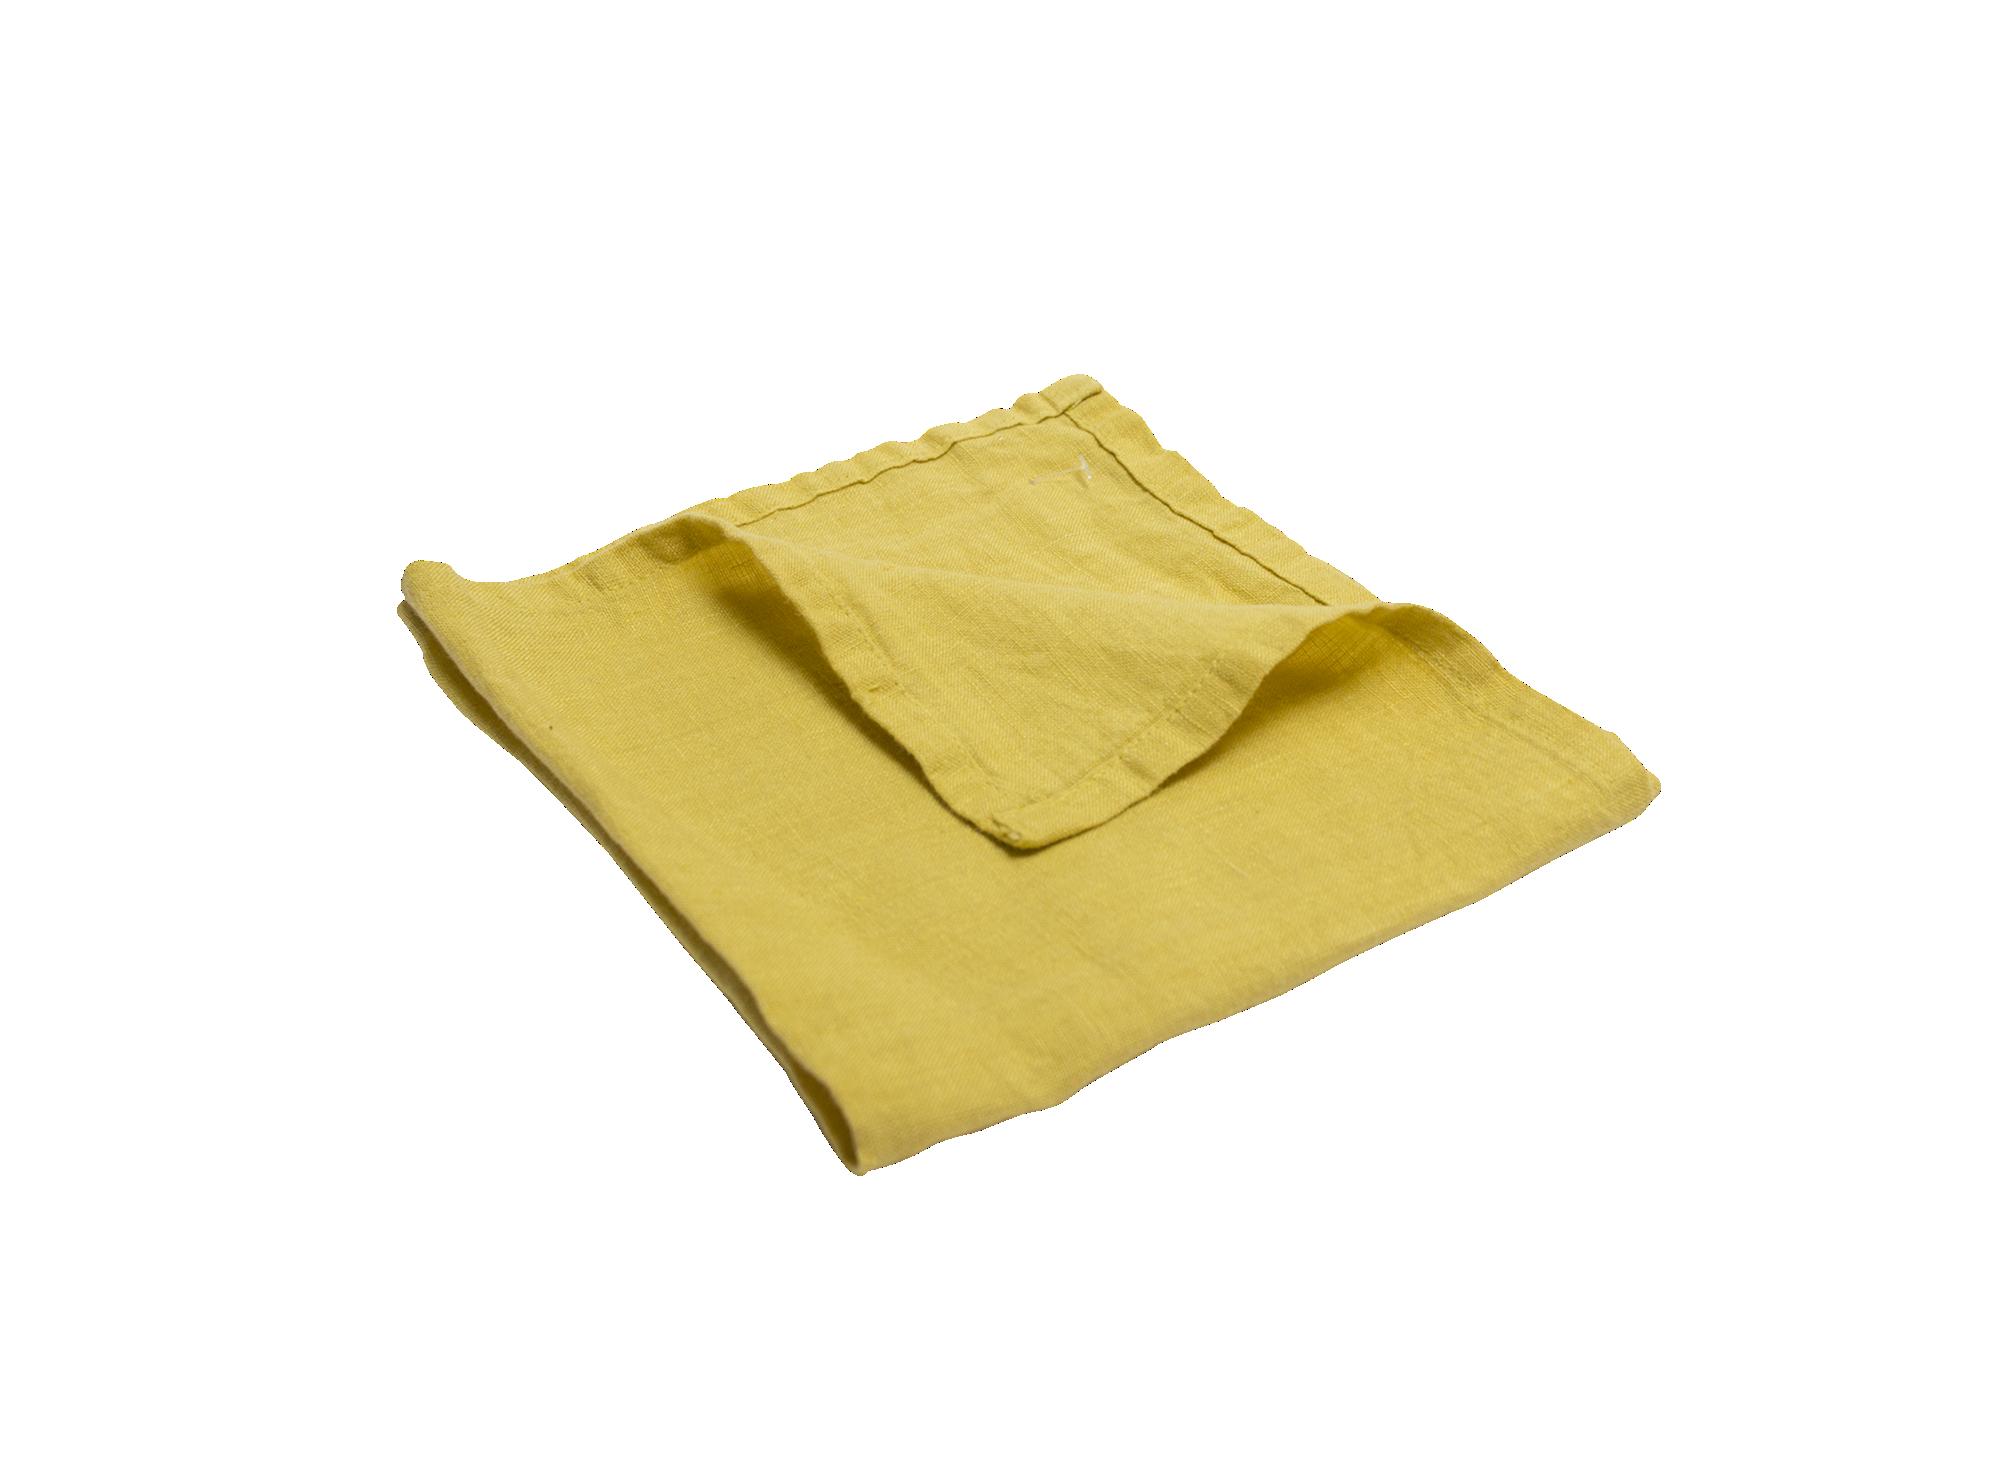 Serviette 40x40cm 100% lin coloris moutarde densite 150g/m2  lavable  ...